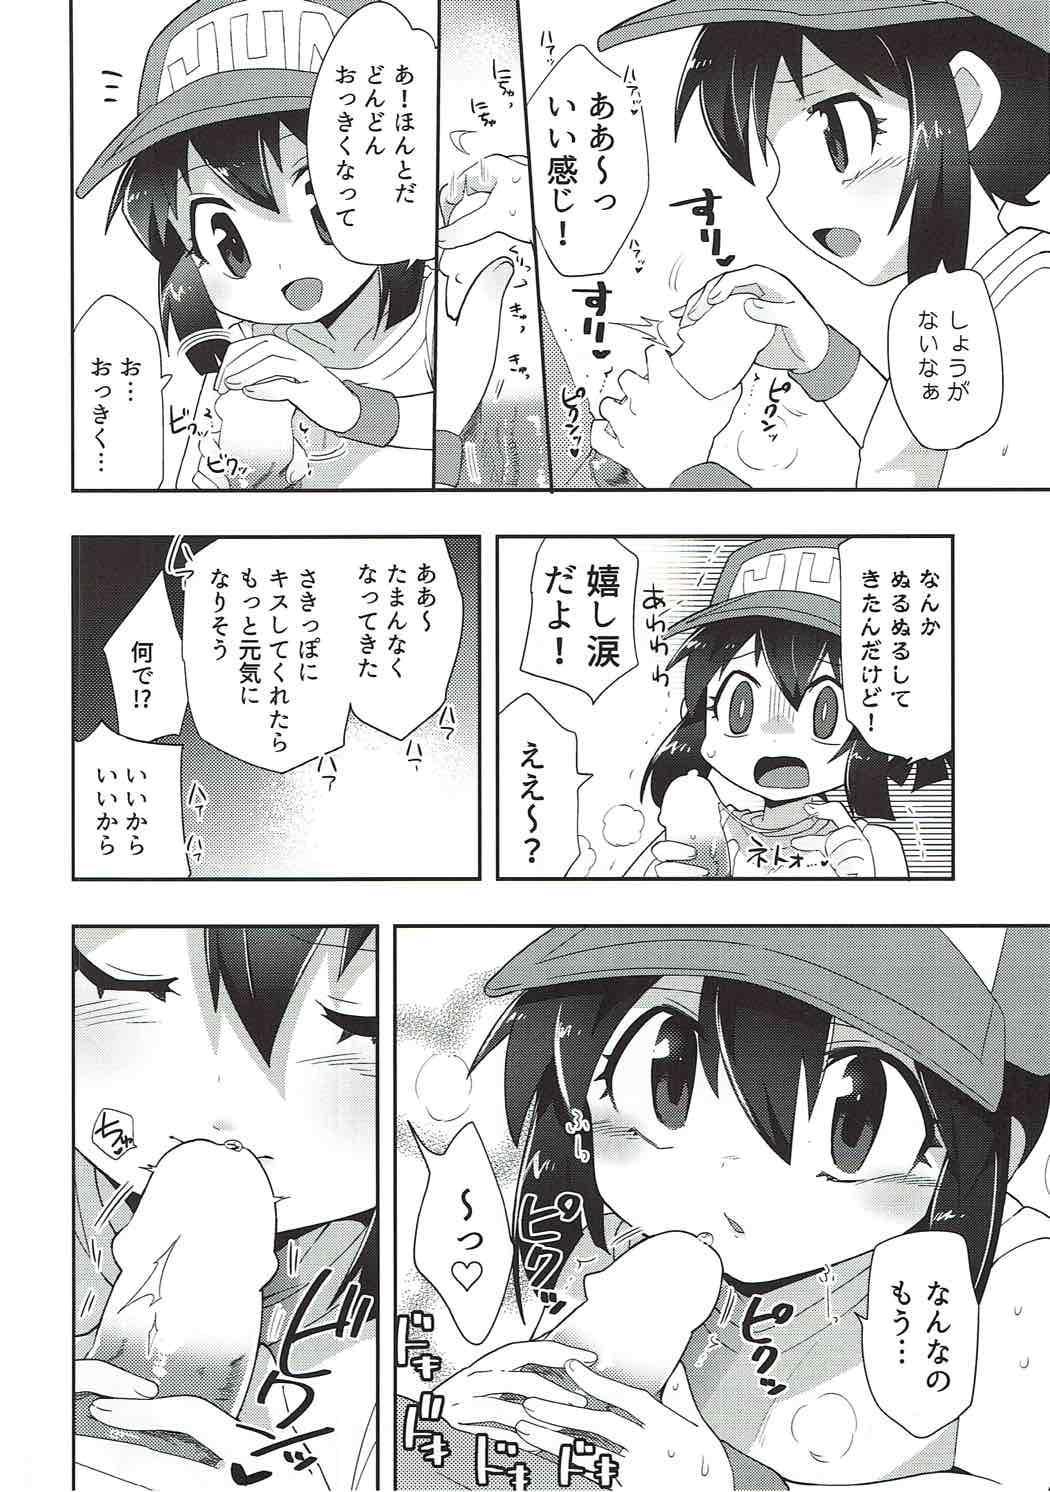 Genki ga Areba Nandemo Dekiru! 8